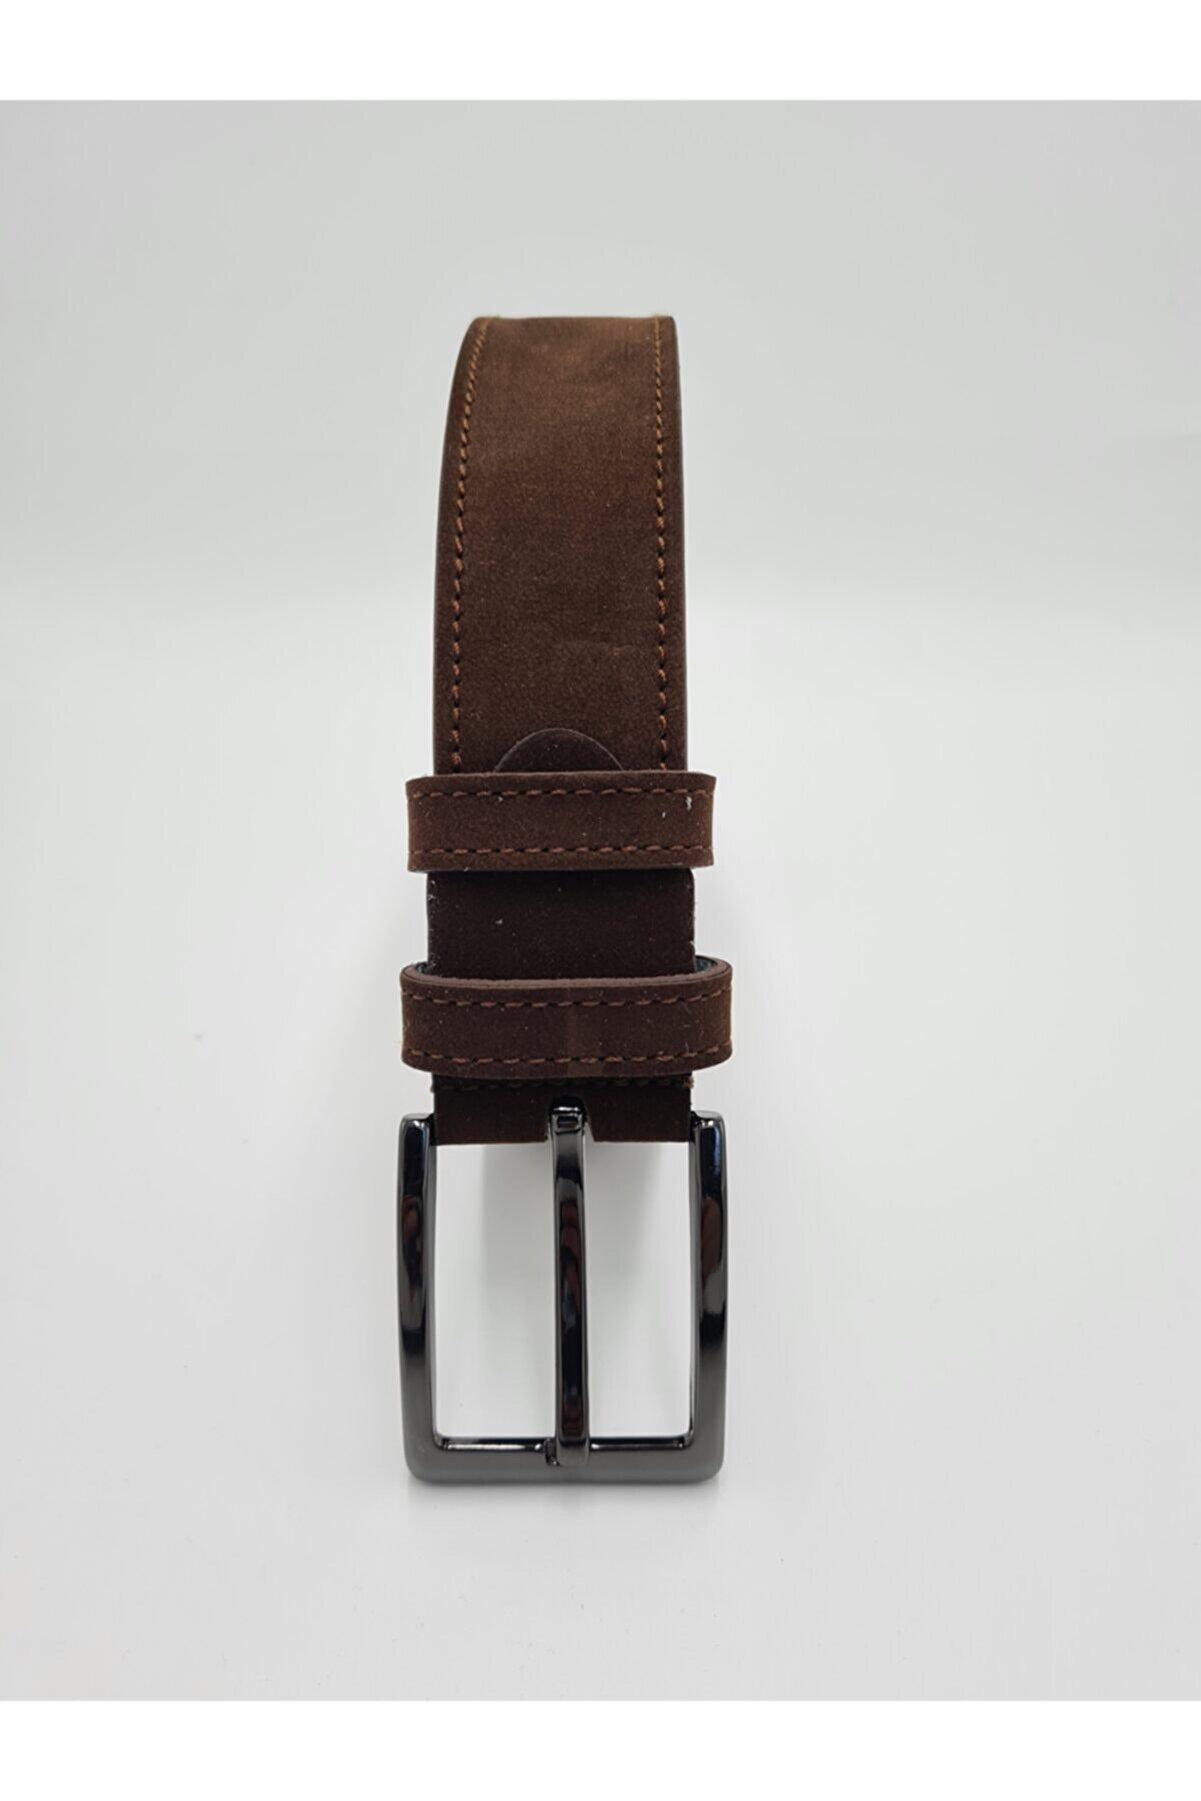 Yage Unisex Kahverengi Süet Spor Kemer 4cm